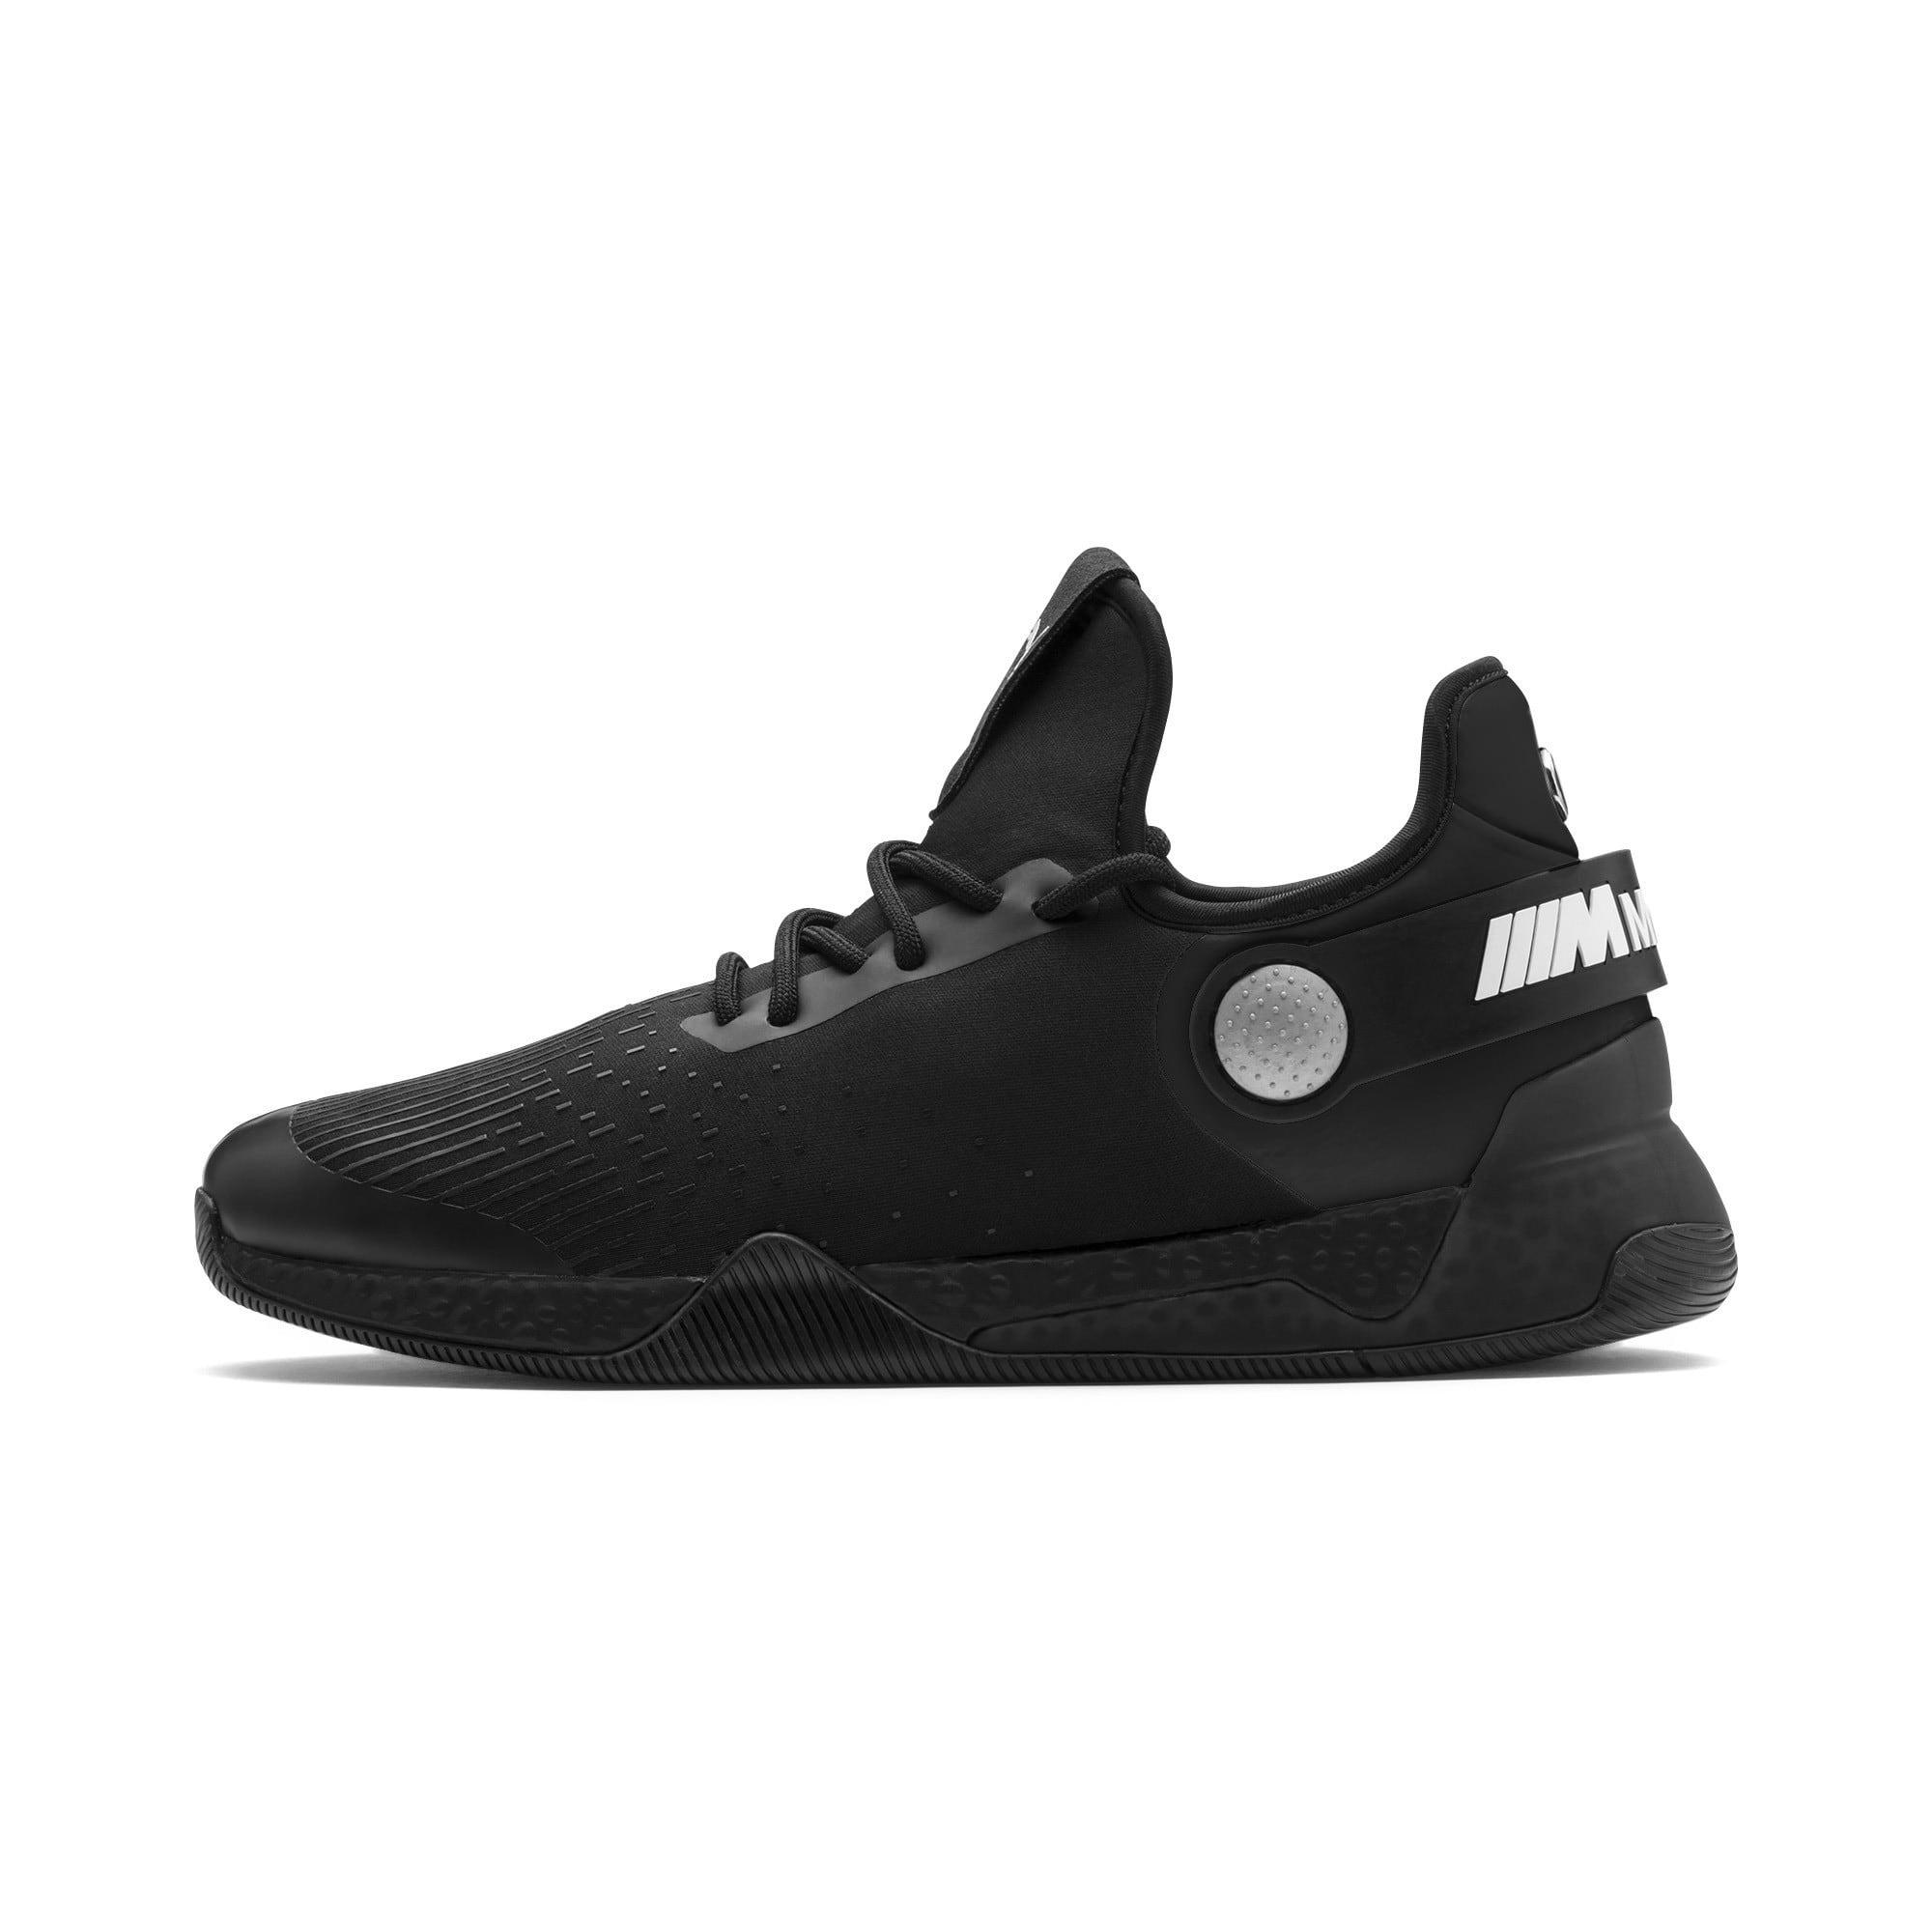 Miniatura 1 de Zapatos para correr BMW M Motorsport HYBRID para hombre, Negro-Negro-Blanco, mediano